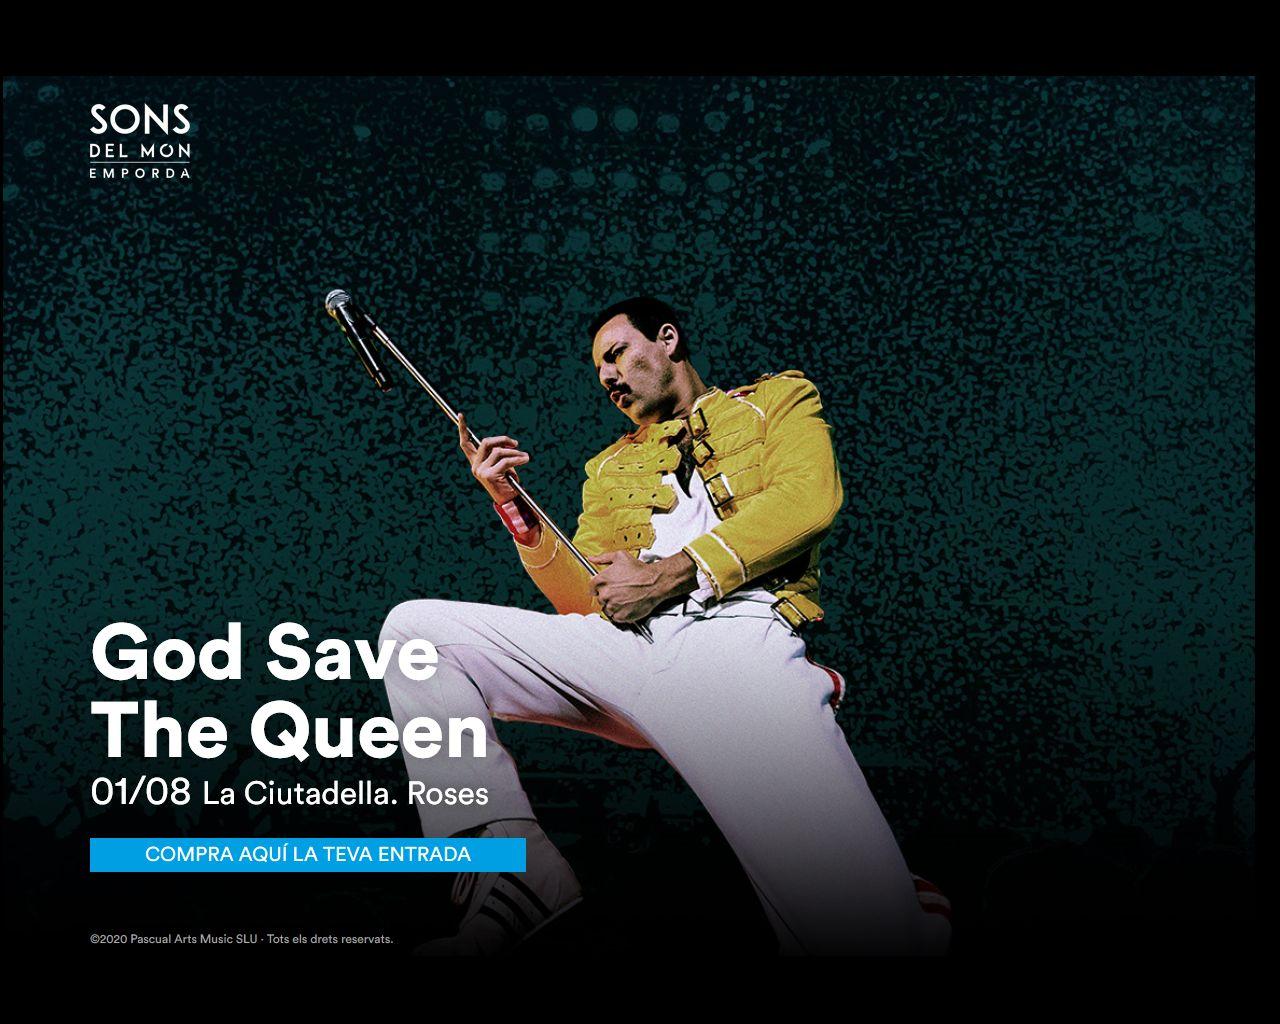 God Save the Queen actuarà l'1 d'agost a la Ciutadella